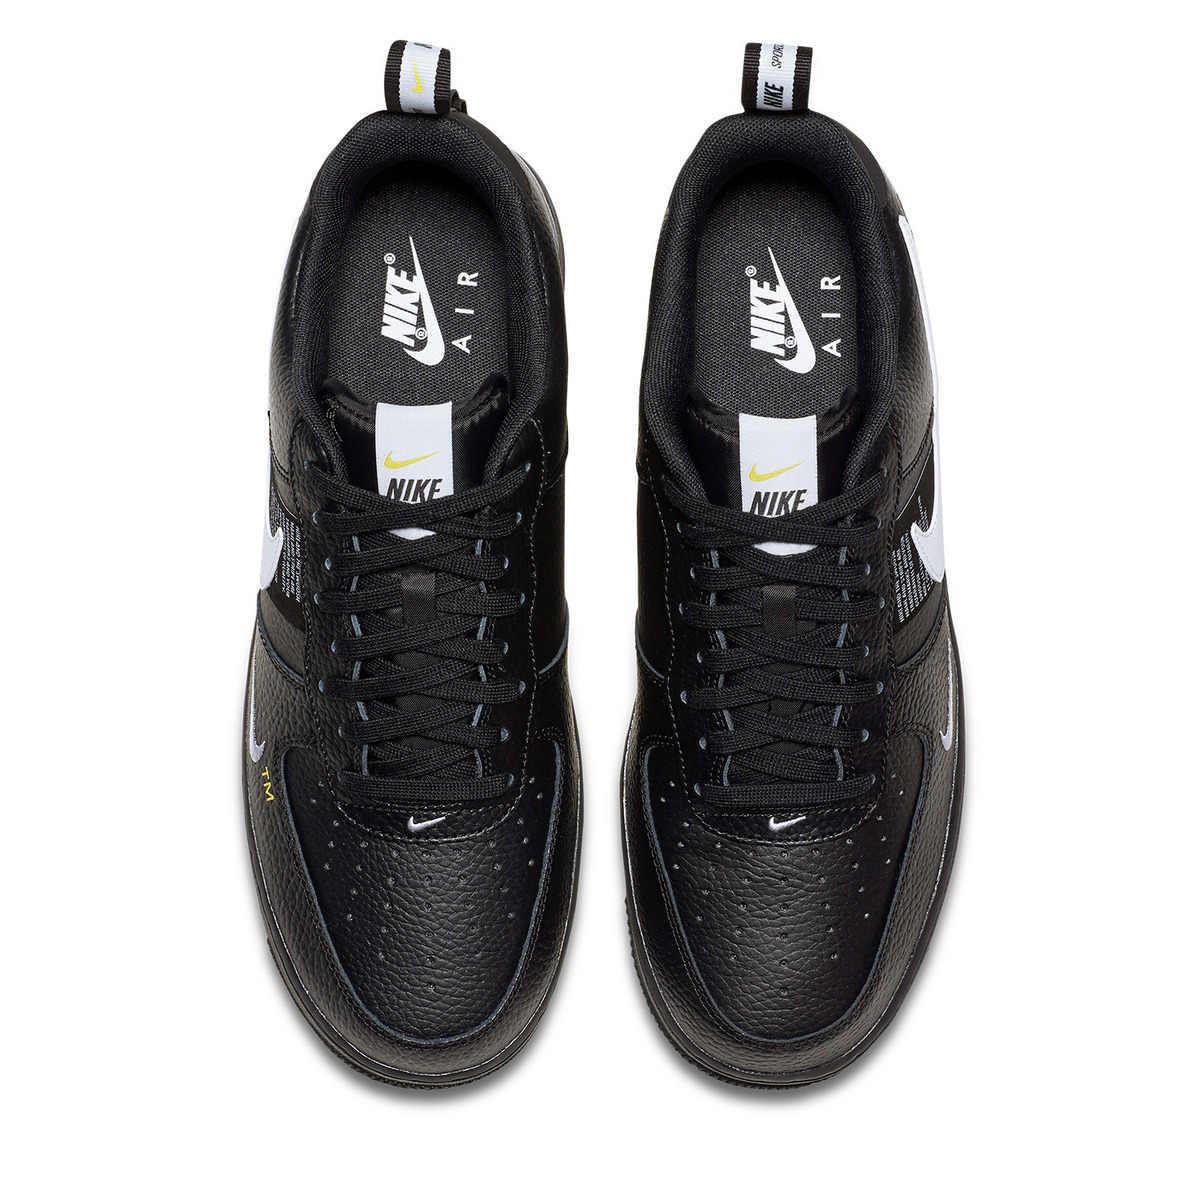 NIKE AF1 nouveauté AIR FORCE 1'07 respirant utilitaire hommes chaussures de course bas confortable baskets # AJ7747